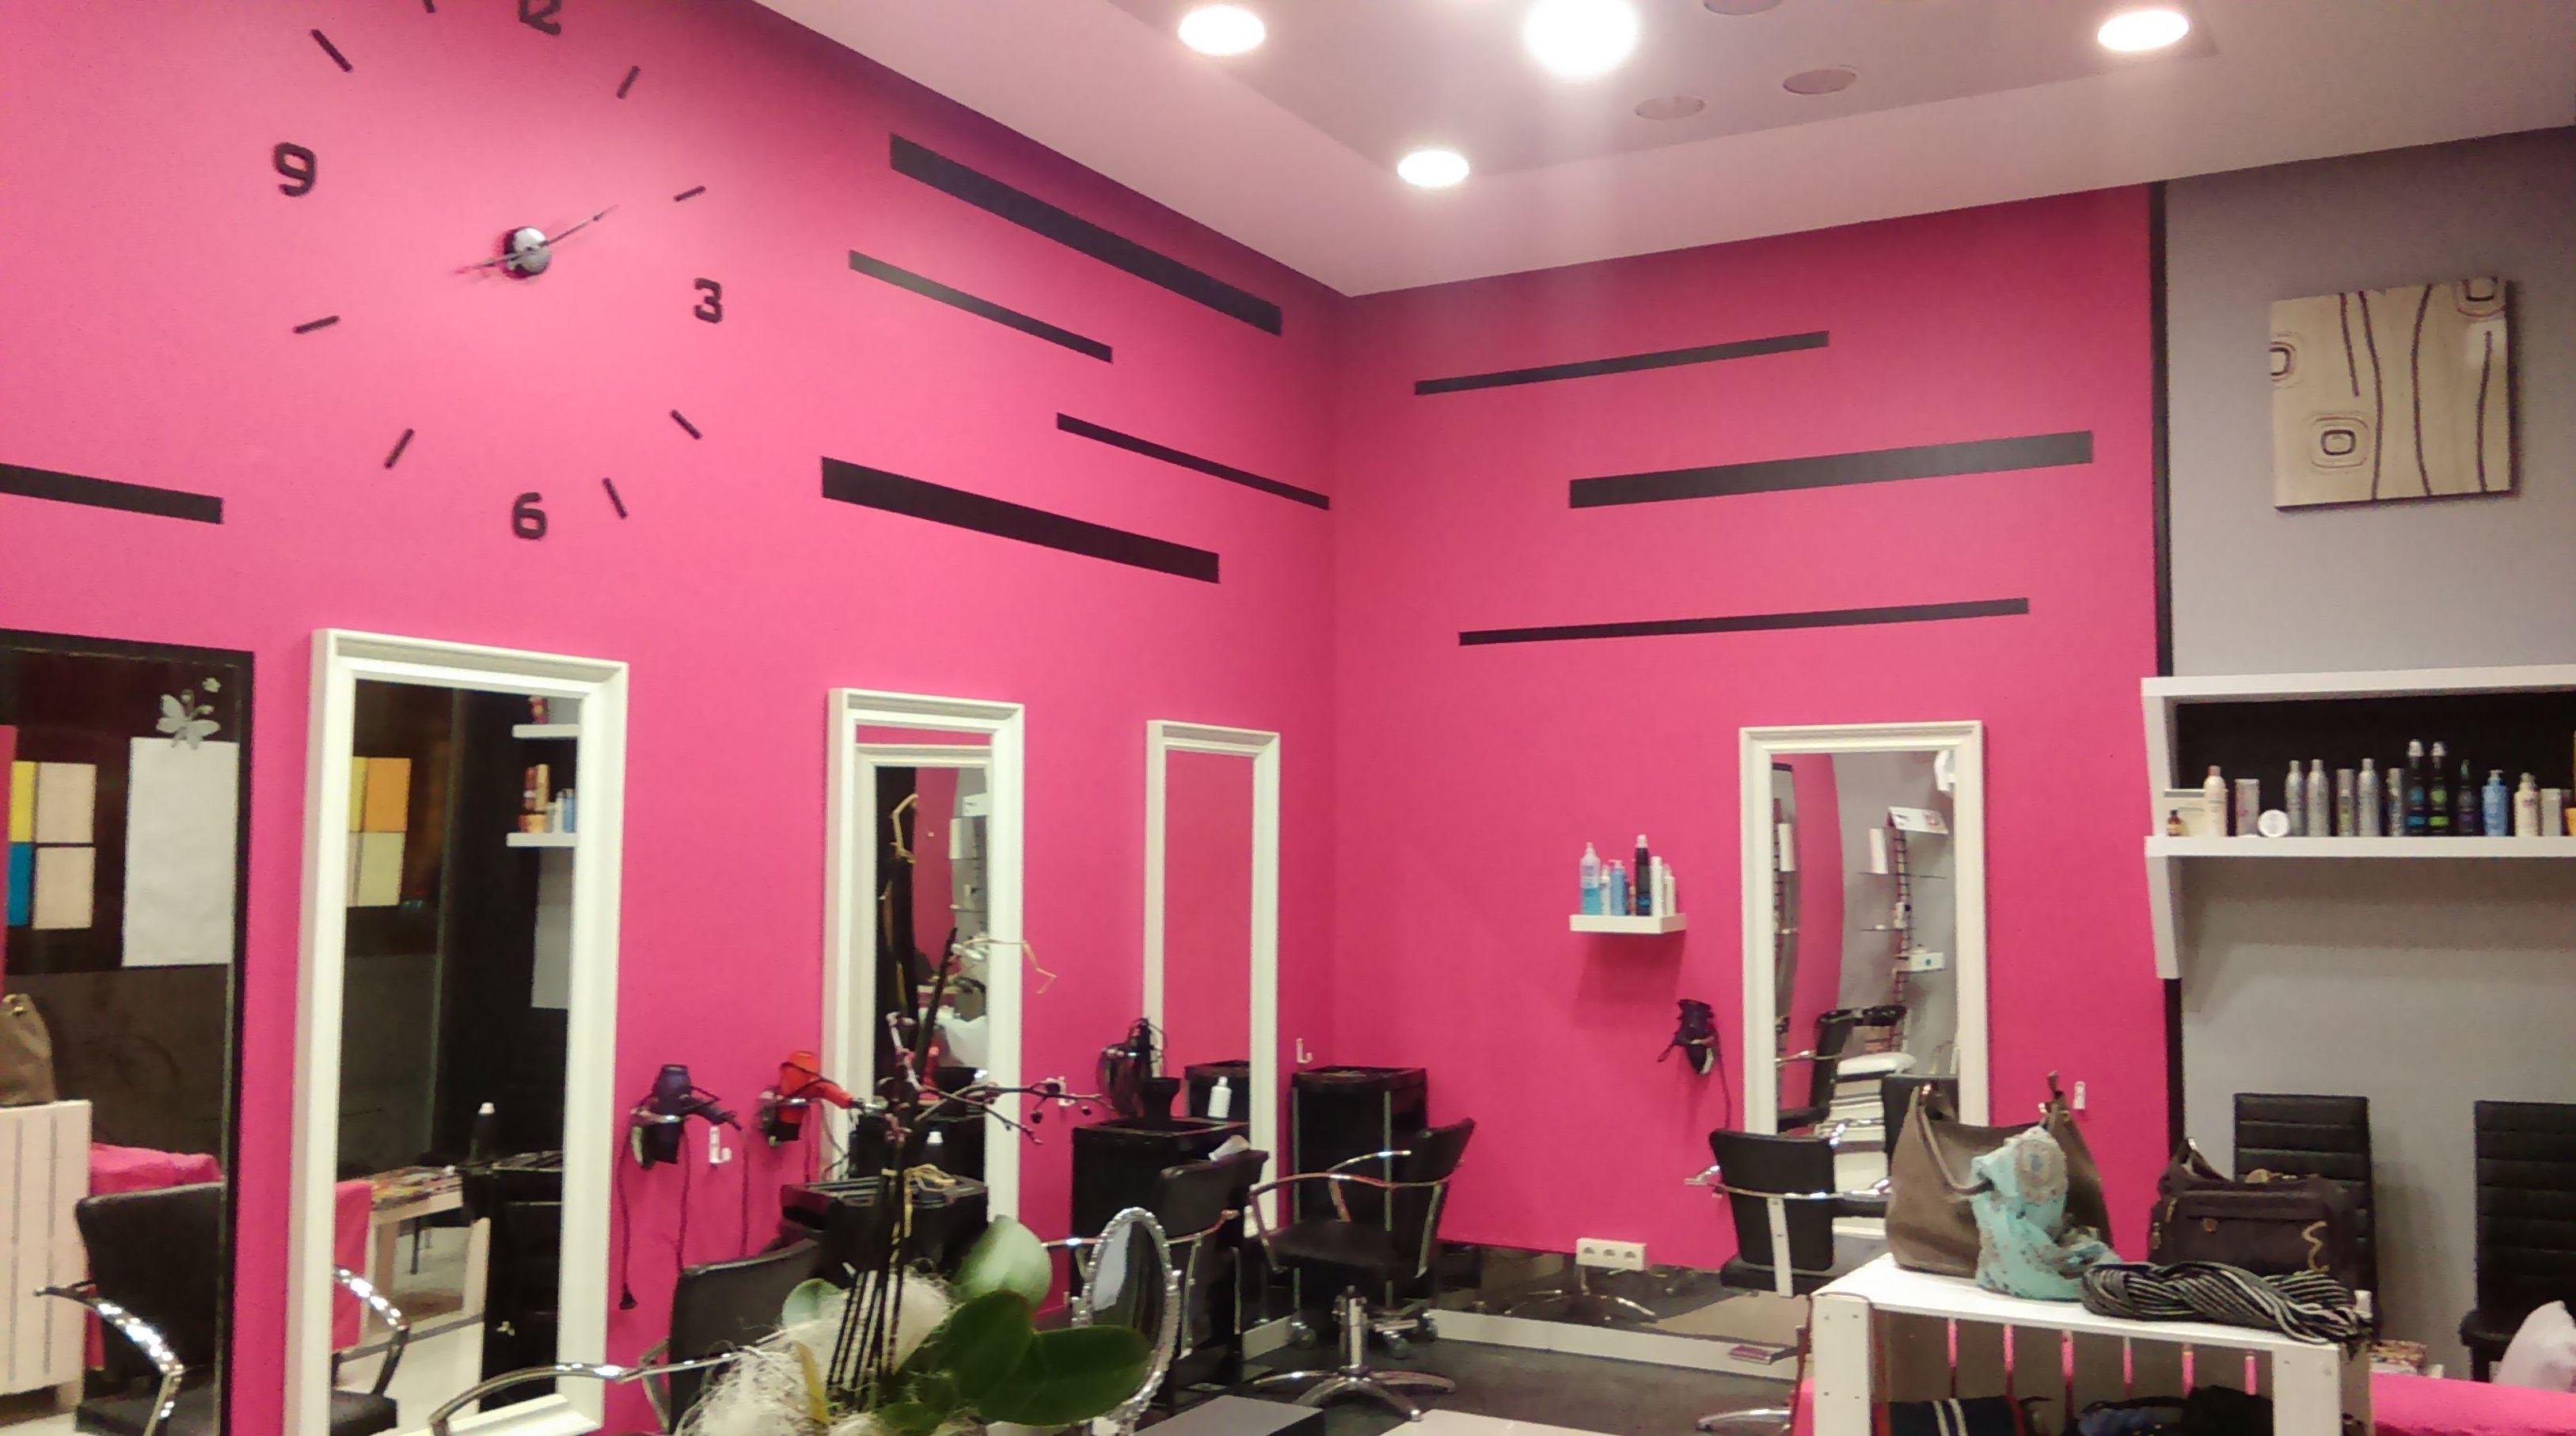 Pintura y decoración de una peluquería